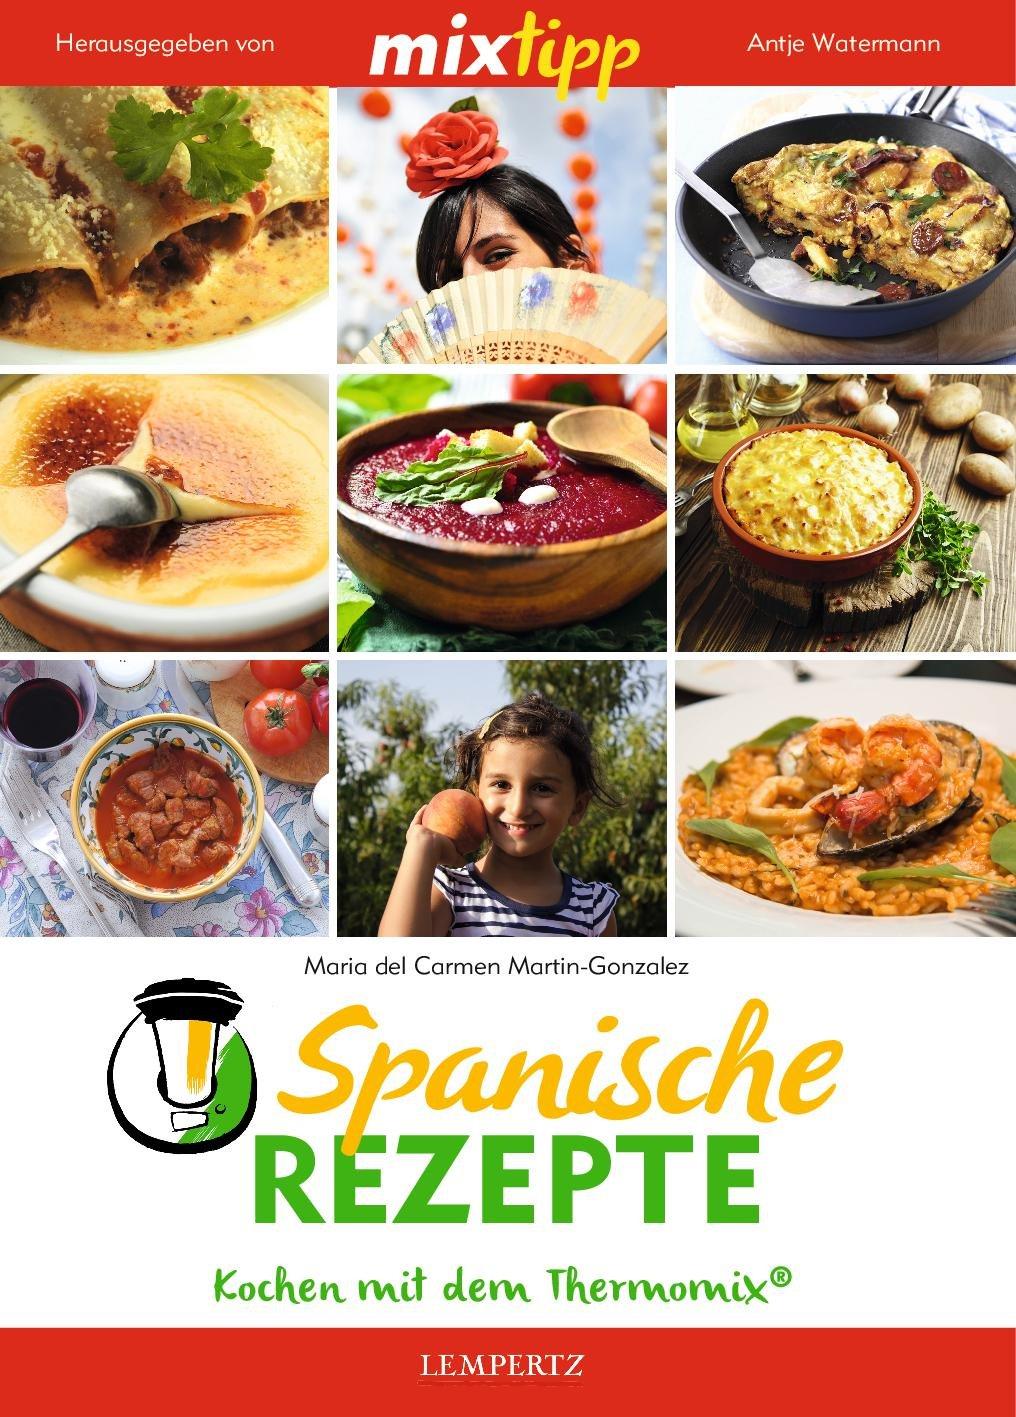 Best Original Italienische Küche Images - Ridgewayng.com ...